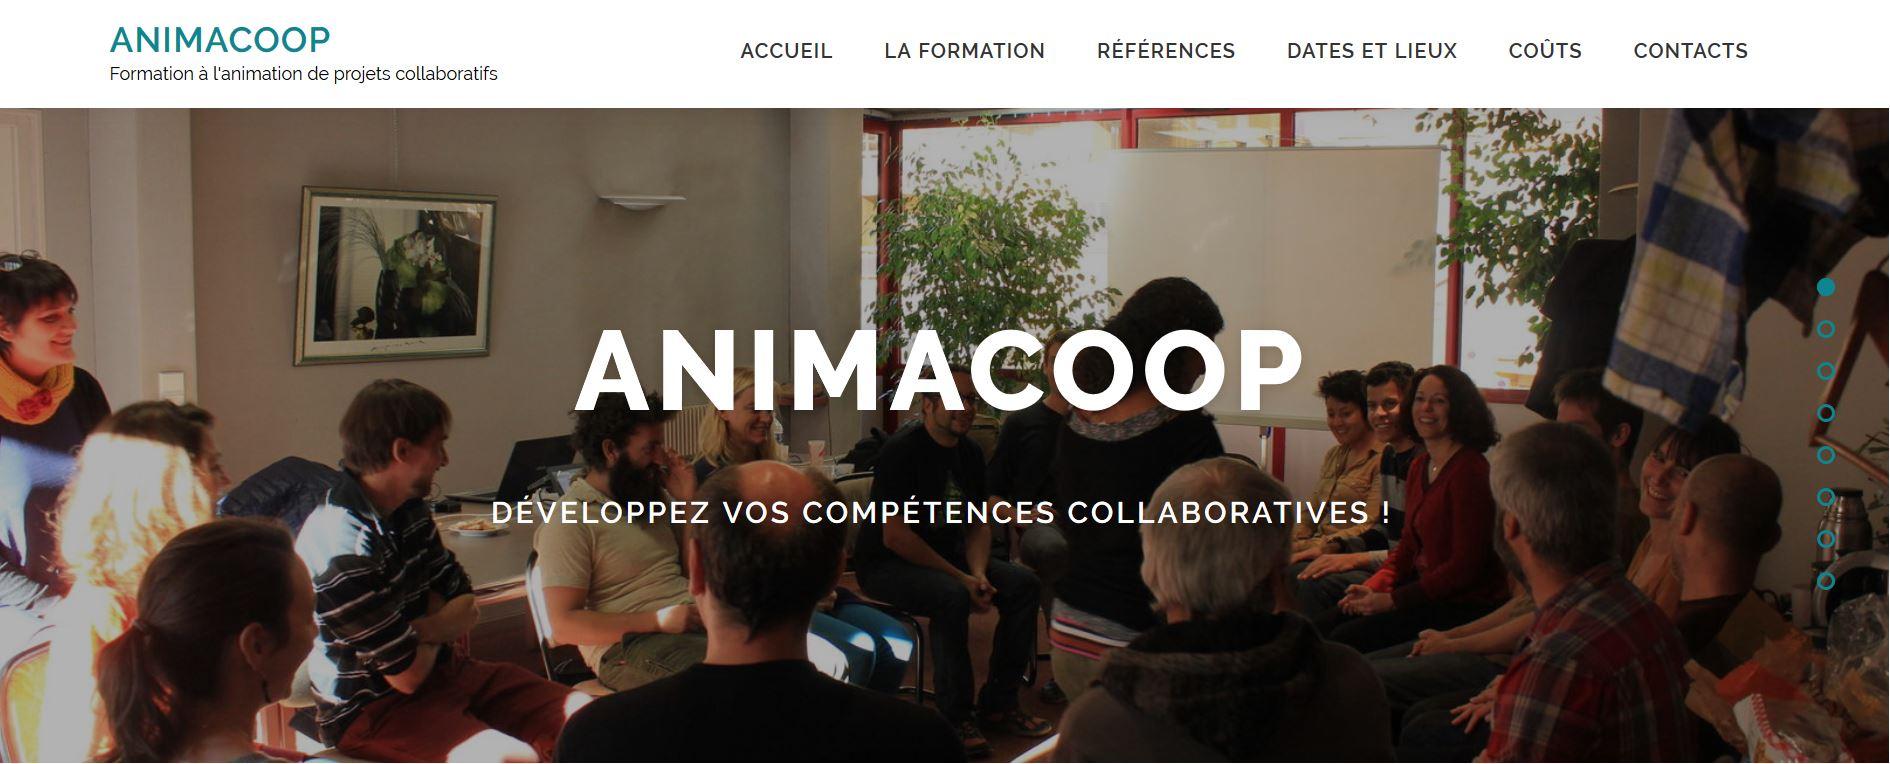 formation animacoop Lien vers: http://animacoop.net